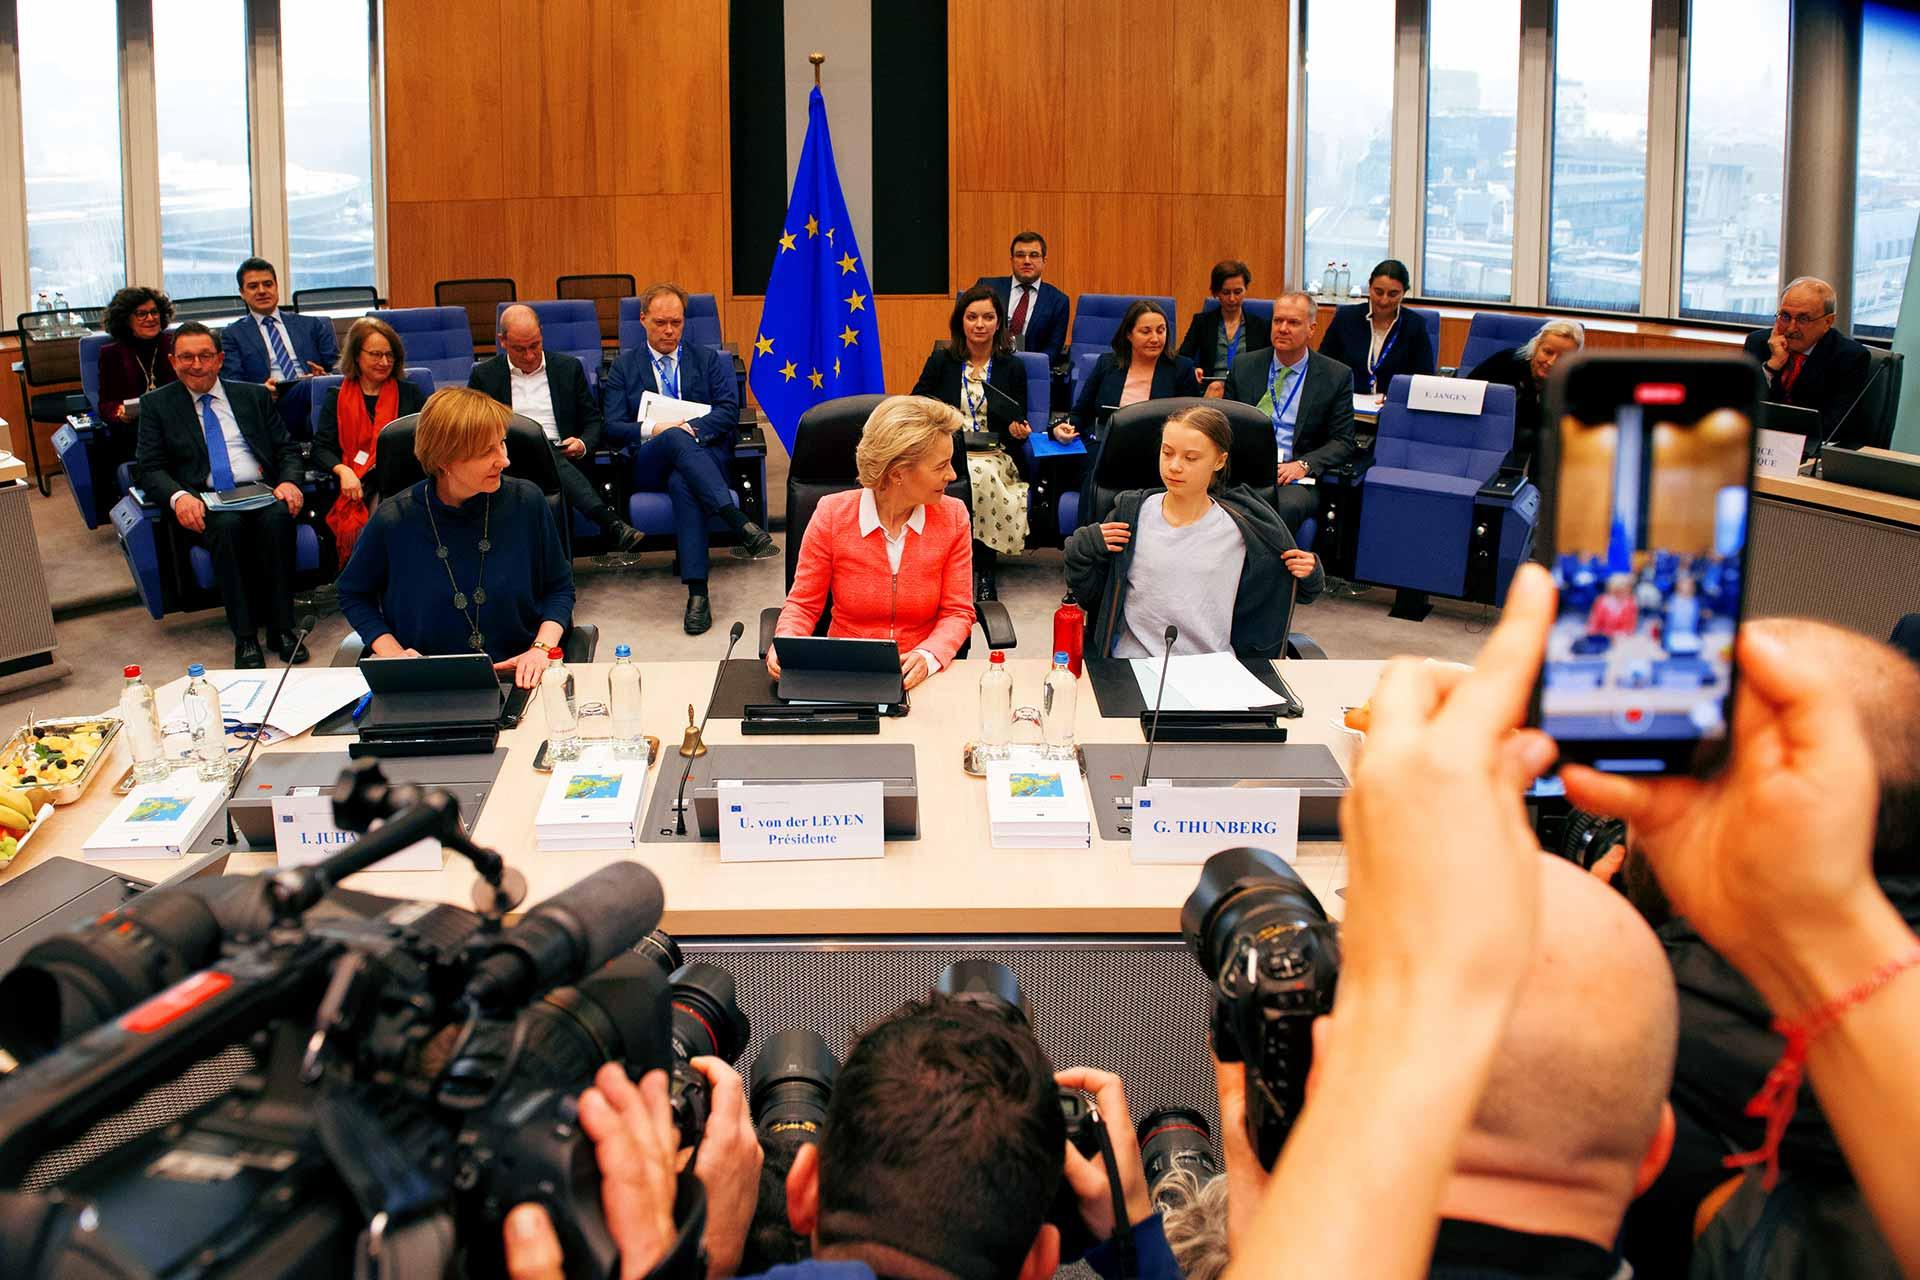 Ursula Von der Leyen and Greta Thunberg debate Climate Law